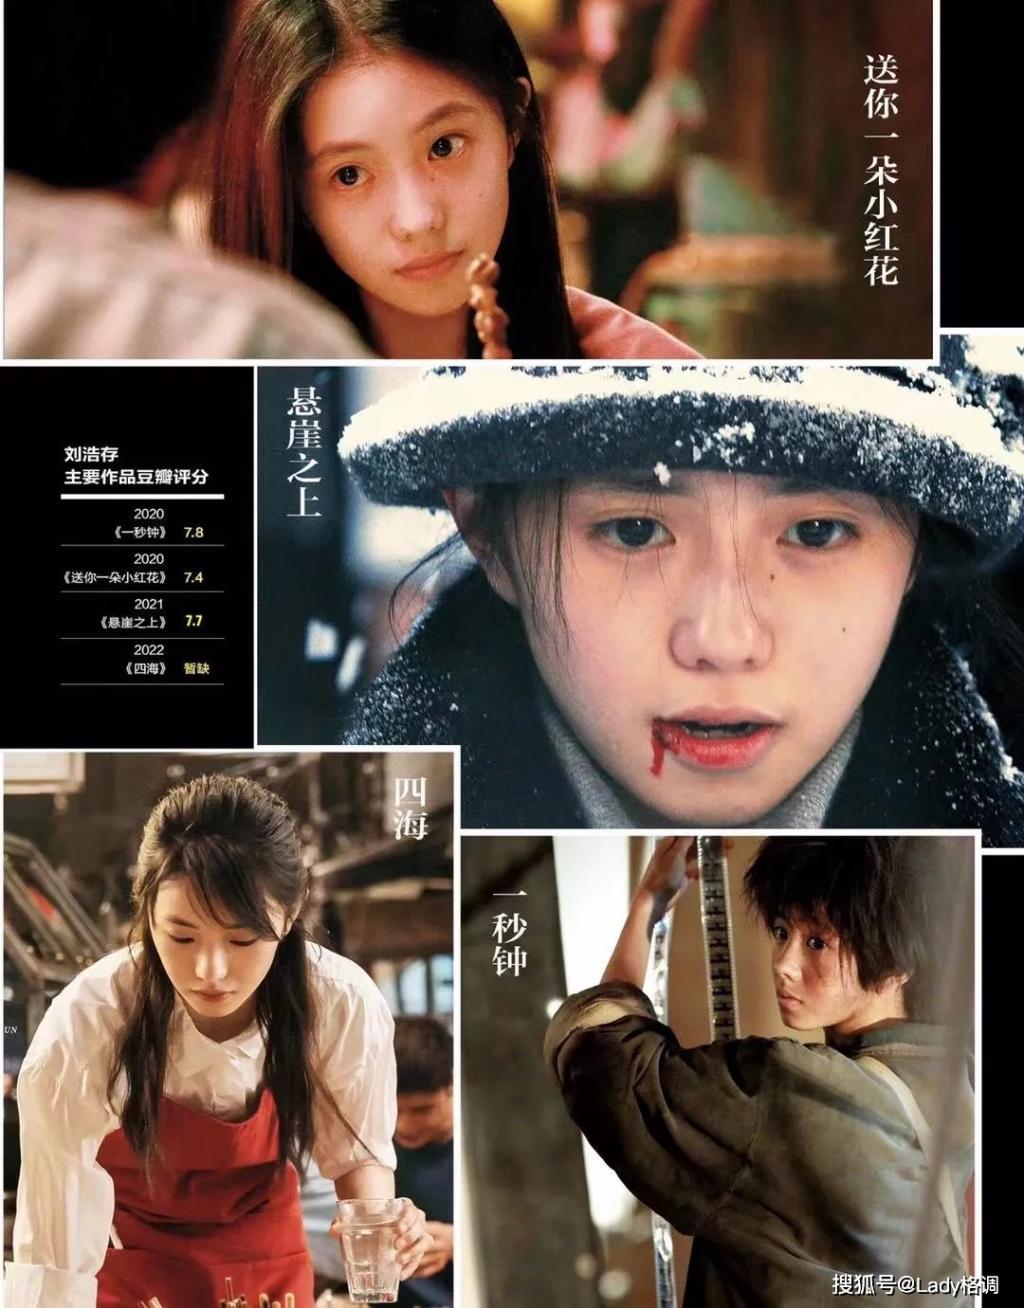 """3. Bắt đầu đóng phim từ năm 2018, đến nay Lưu Hạo Tồn đã có 4 bộ phim """"dằn túi"""", gồm Một giây, Tặng bạn một đóa hoa hồng nhỏ màu đỏ, Trên vách đá và Tứ hải"""